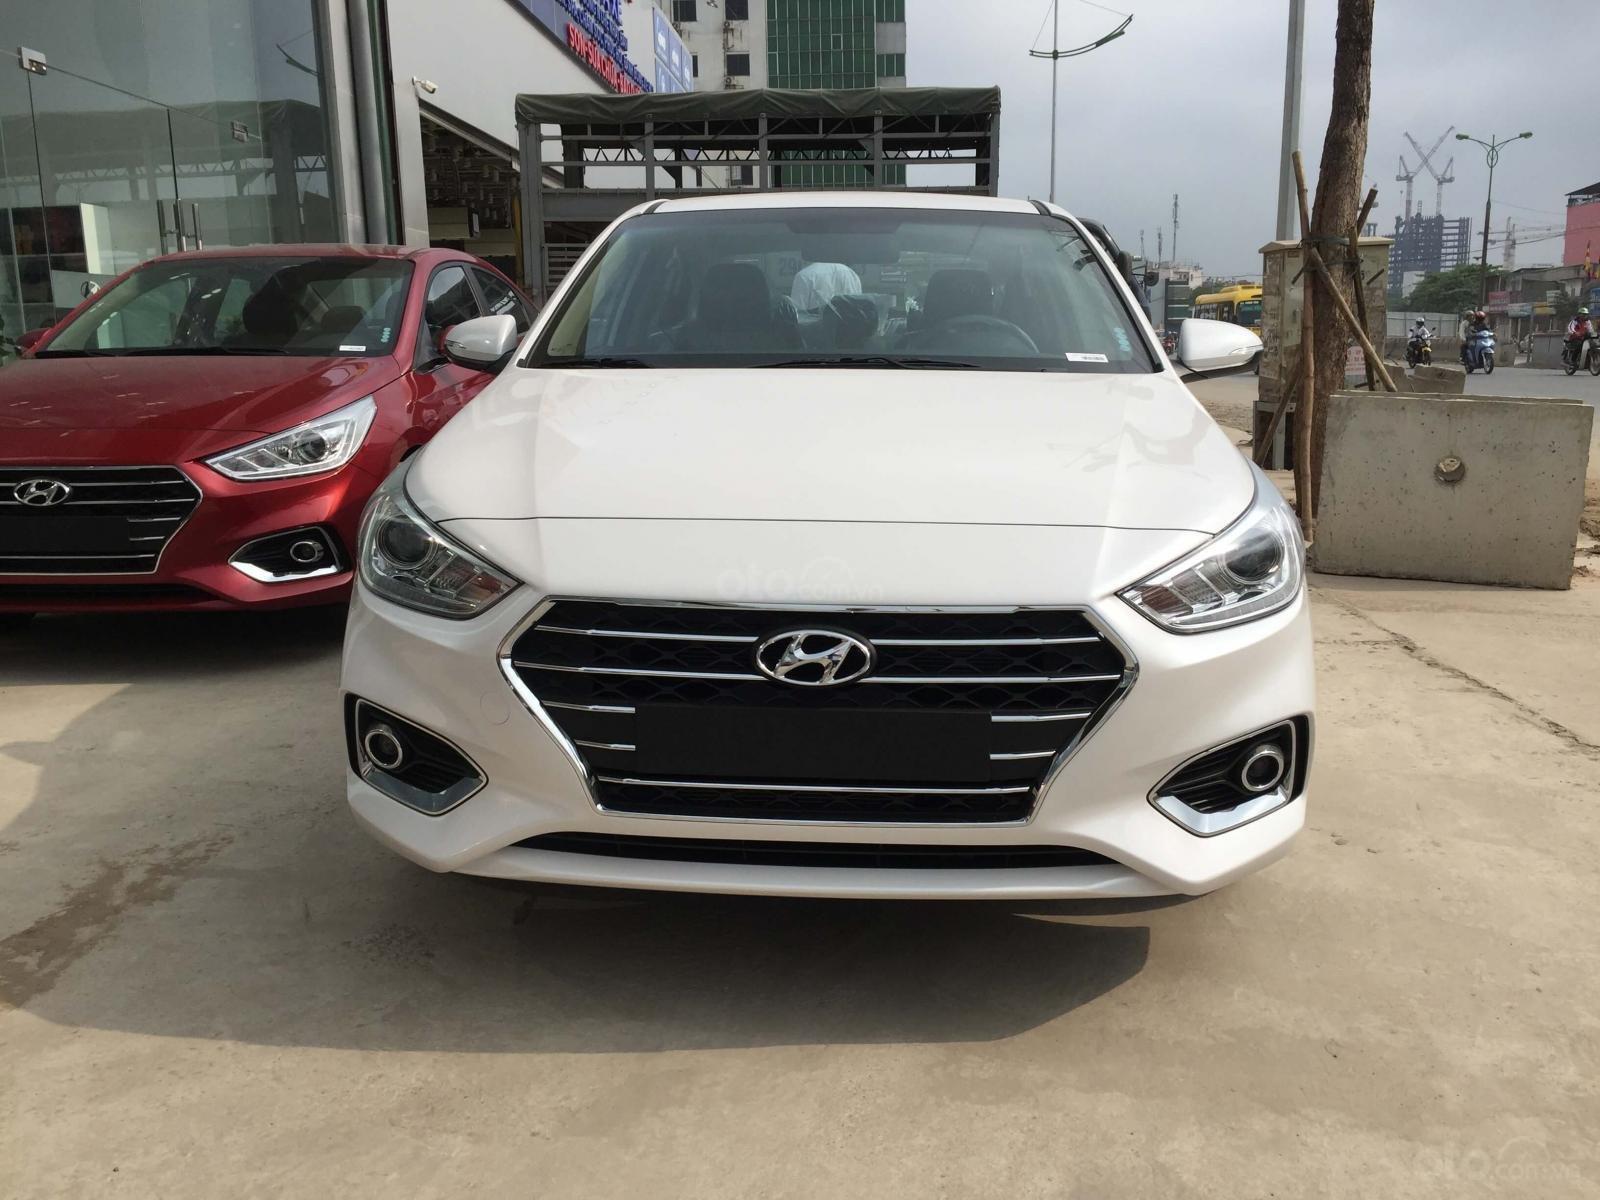 Bán Hyundai Accent 1.4 MT bản đủ mới 2019, đủ màu giao ngay giá tốt (1)